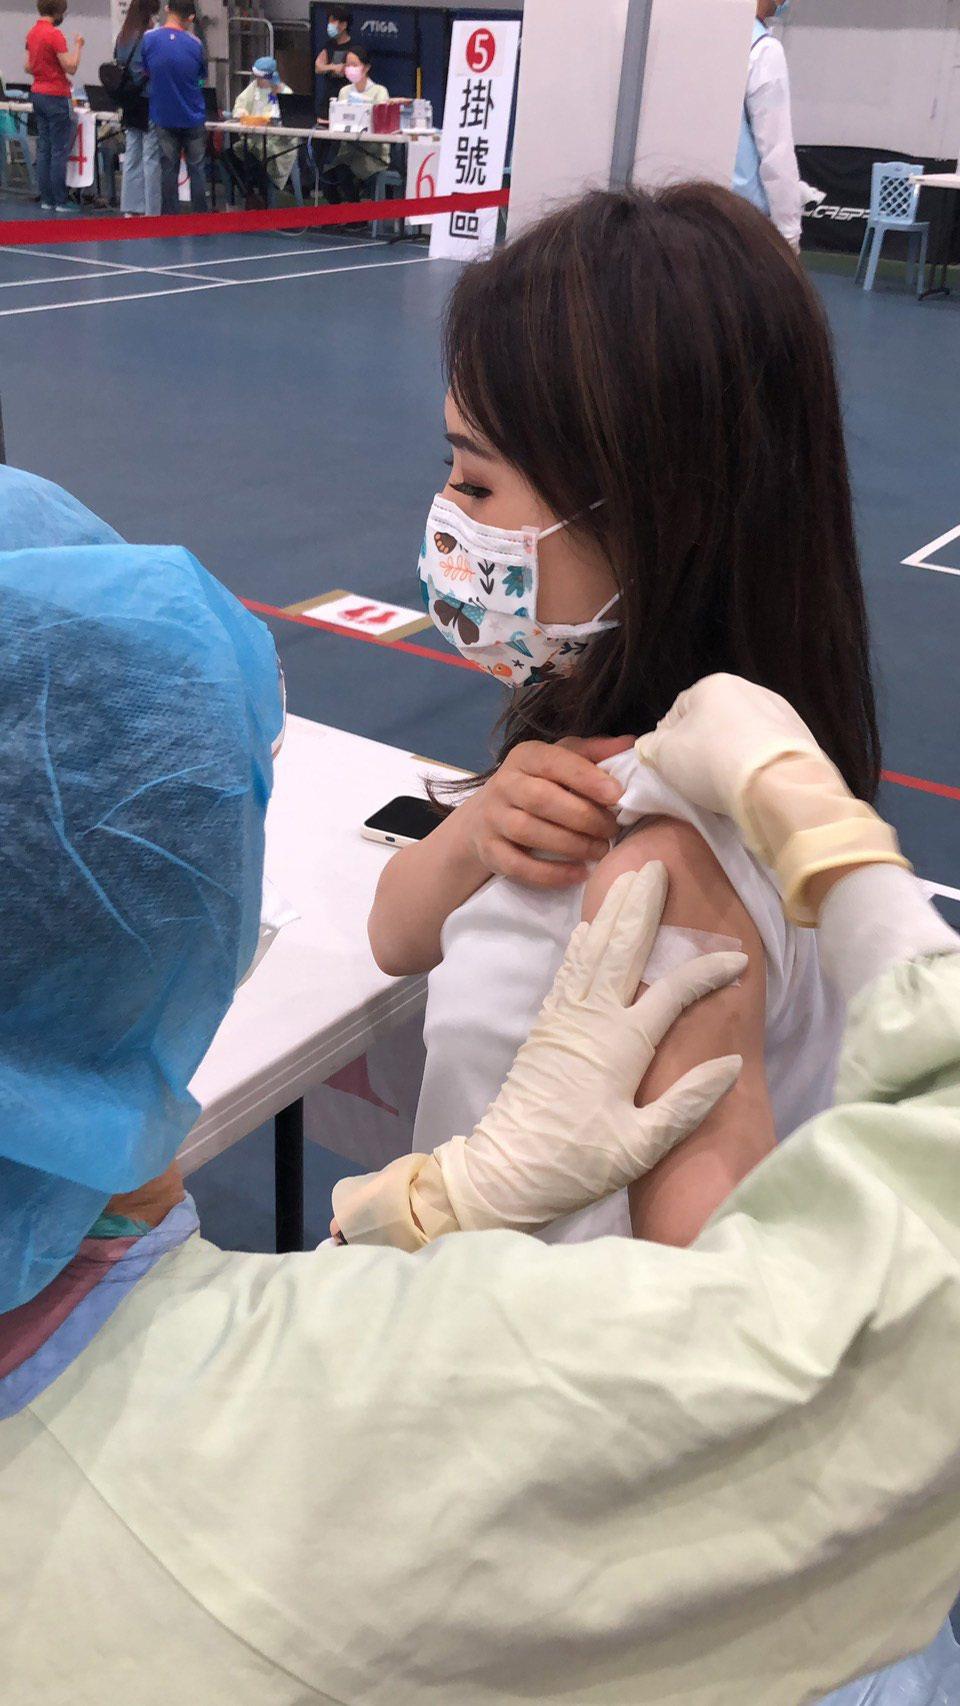 吳申梅昨接種AZ疫苗,副作用可說「提前部署」。圖/音圓唱片提供